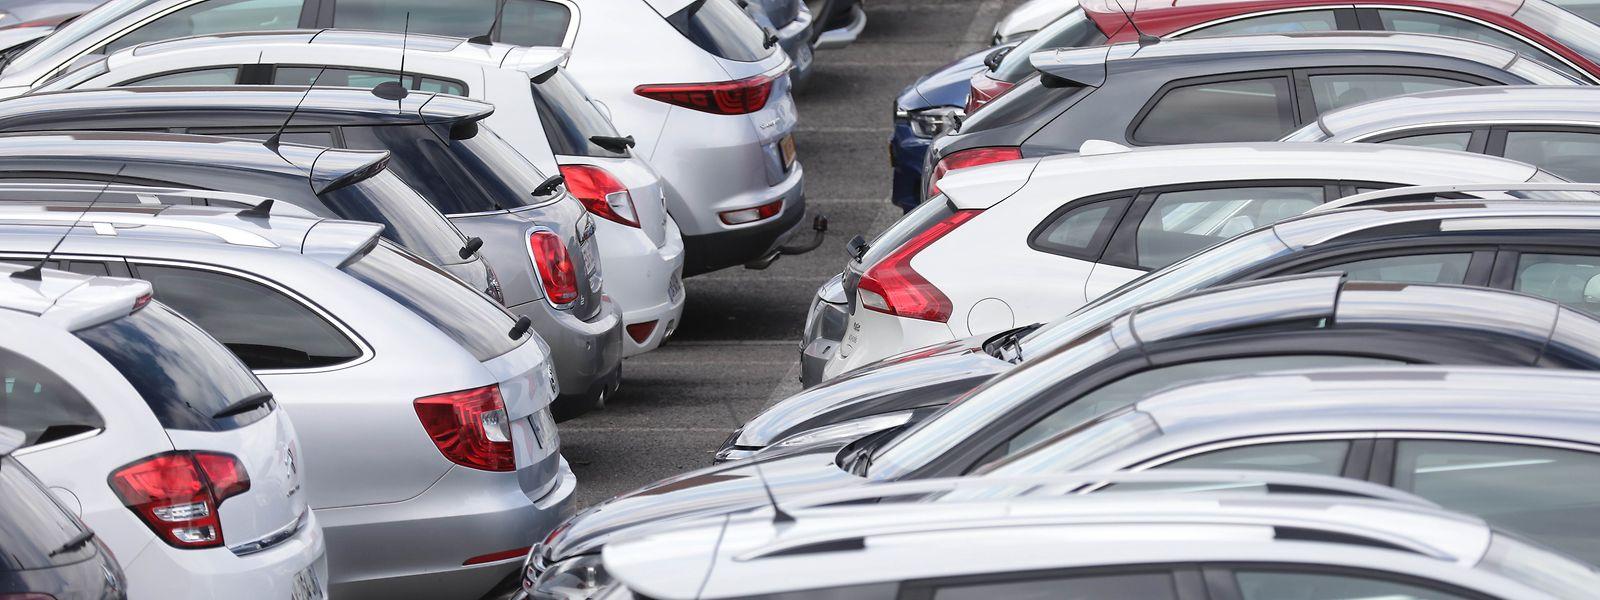 Le parc automobile luxembourgeois a franchi la barre des 400.000 véhicules l'an passé.